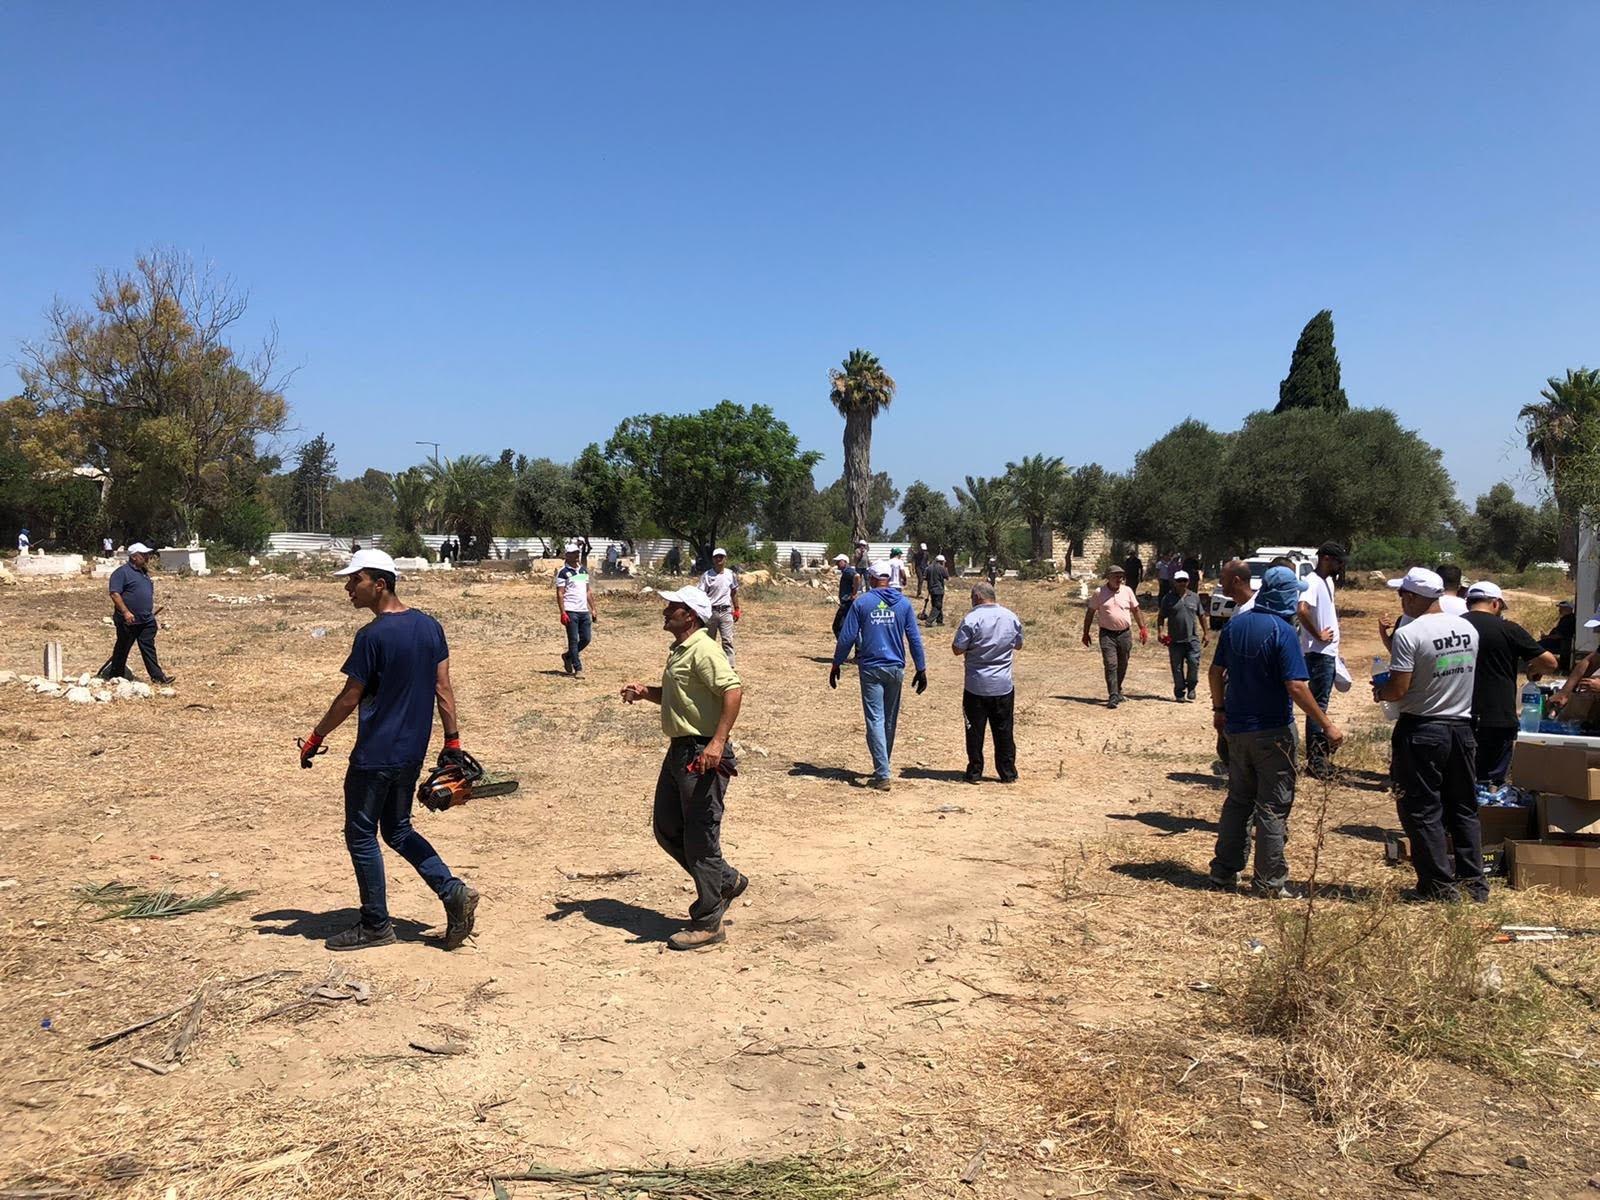 العشرات من أهالي مدينة حيفا وام الفحم يشاركون بترميم مقبرة القسام في حيفا-4